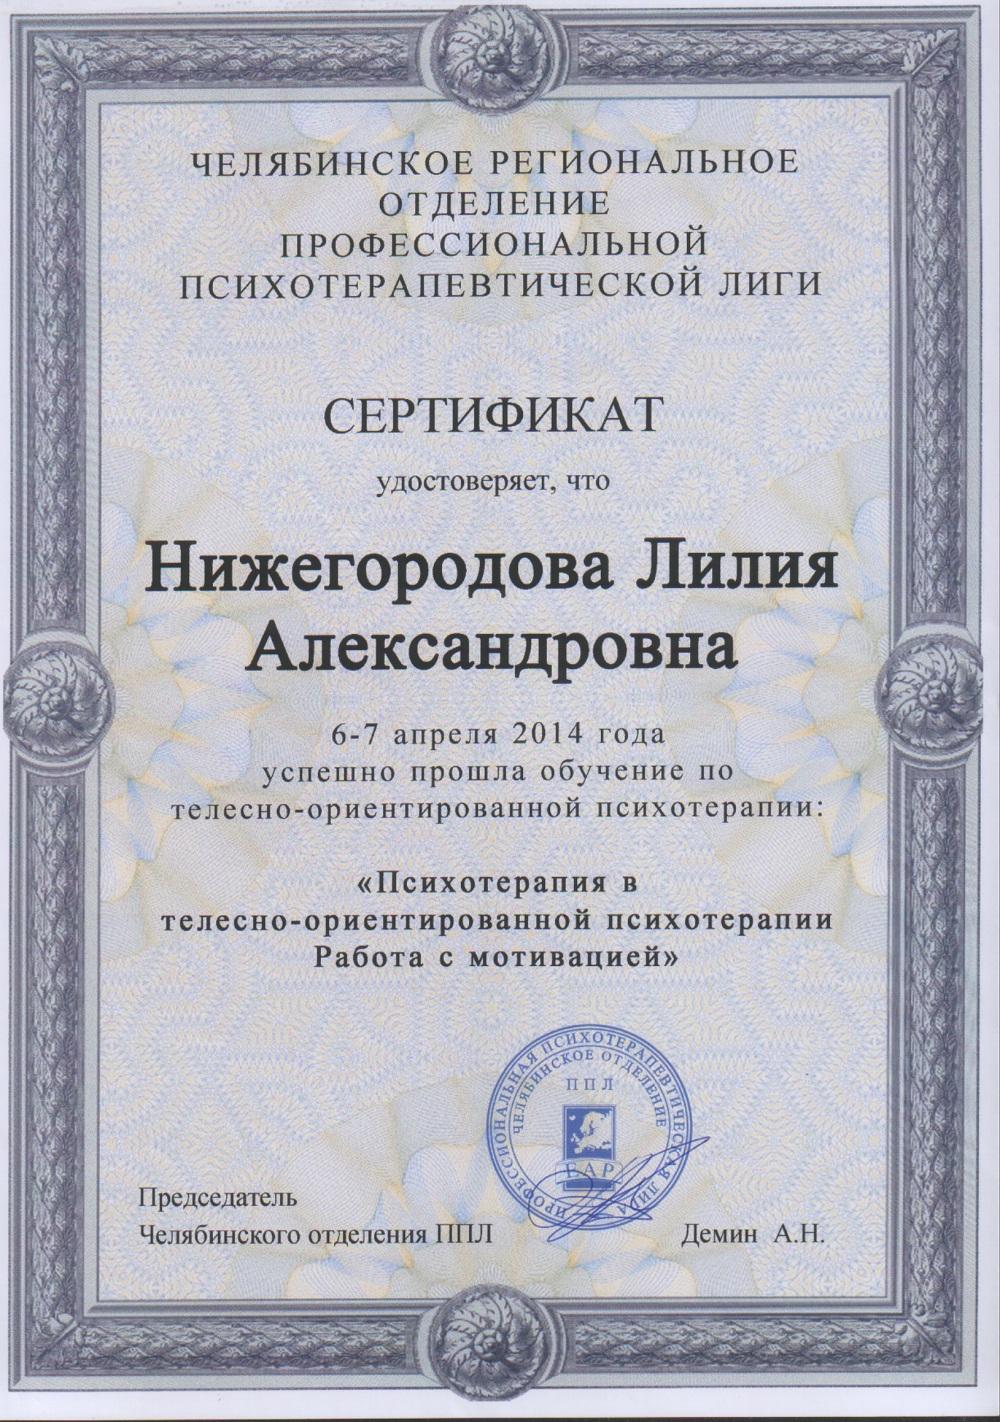 """Сертификат """"Психотерапия в телесно-ориентированной психотерапии. Работа с мотивацией"""""""